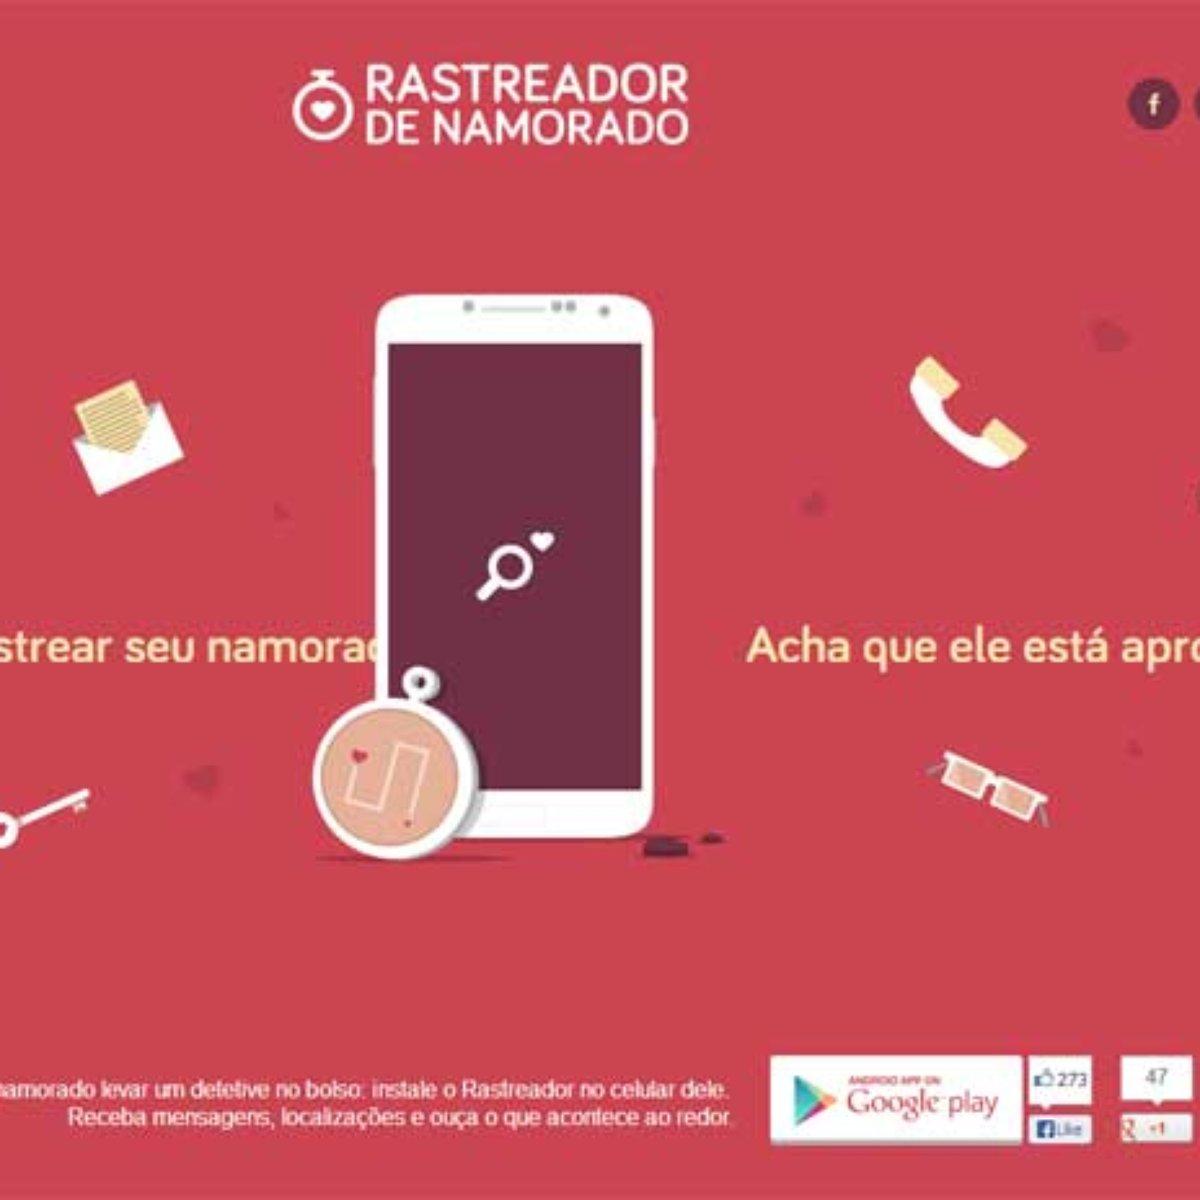 rastreador de sms celular gratis